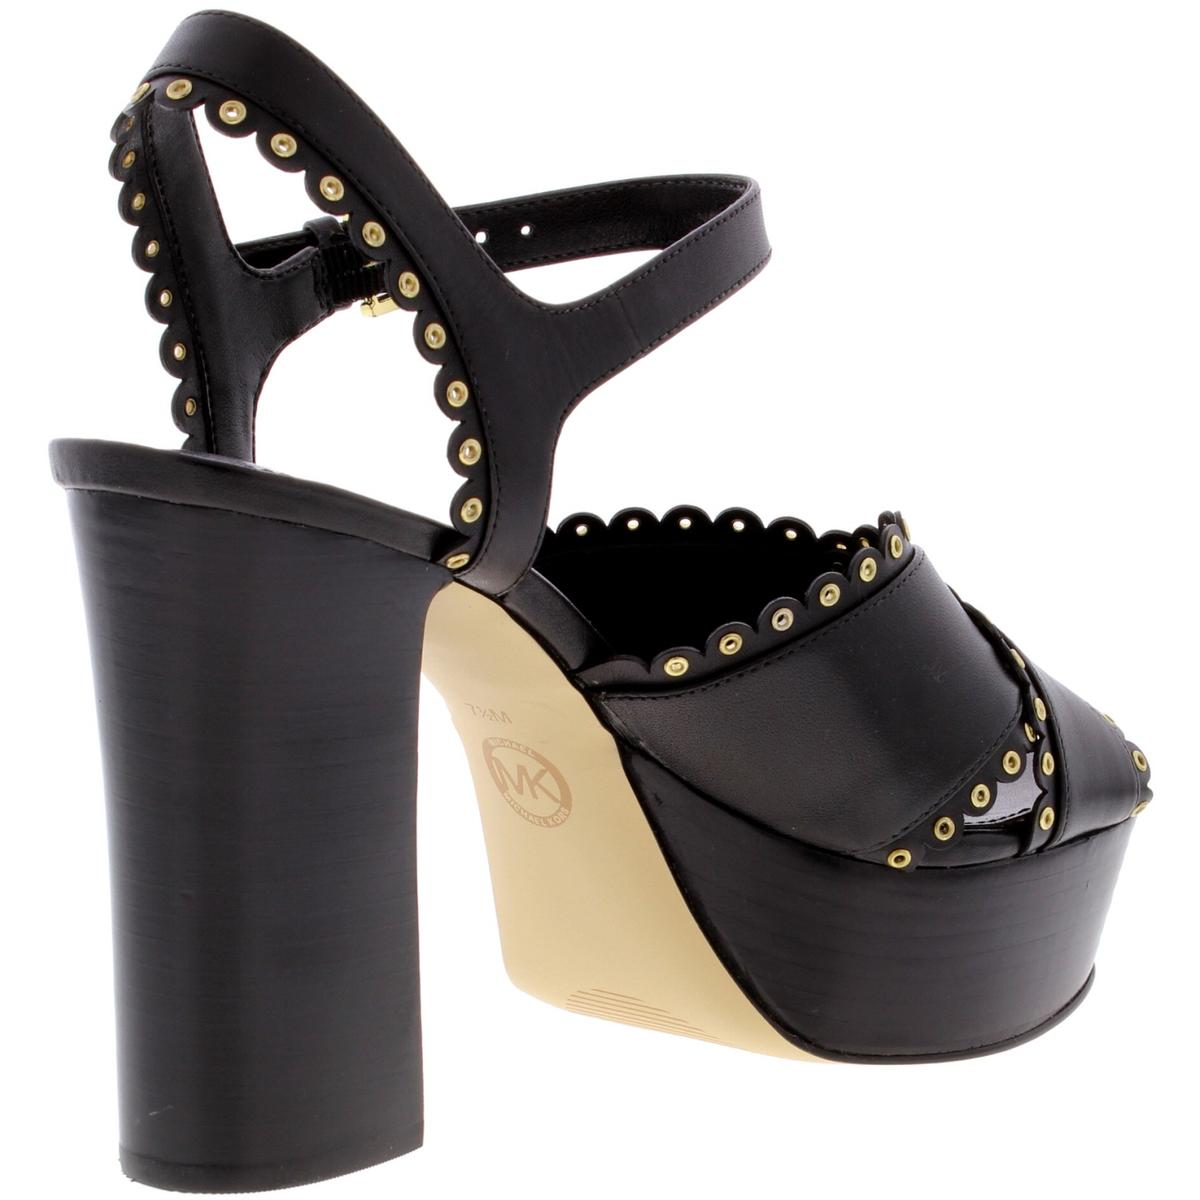 Platform Sandals Shoes BHFO 0120